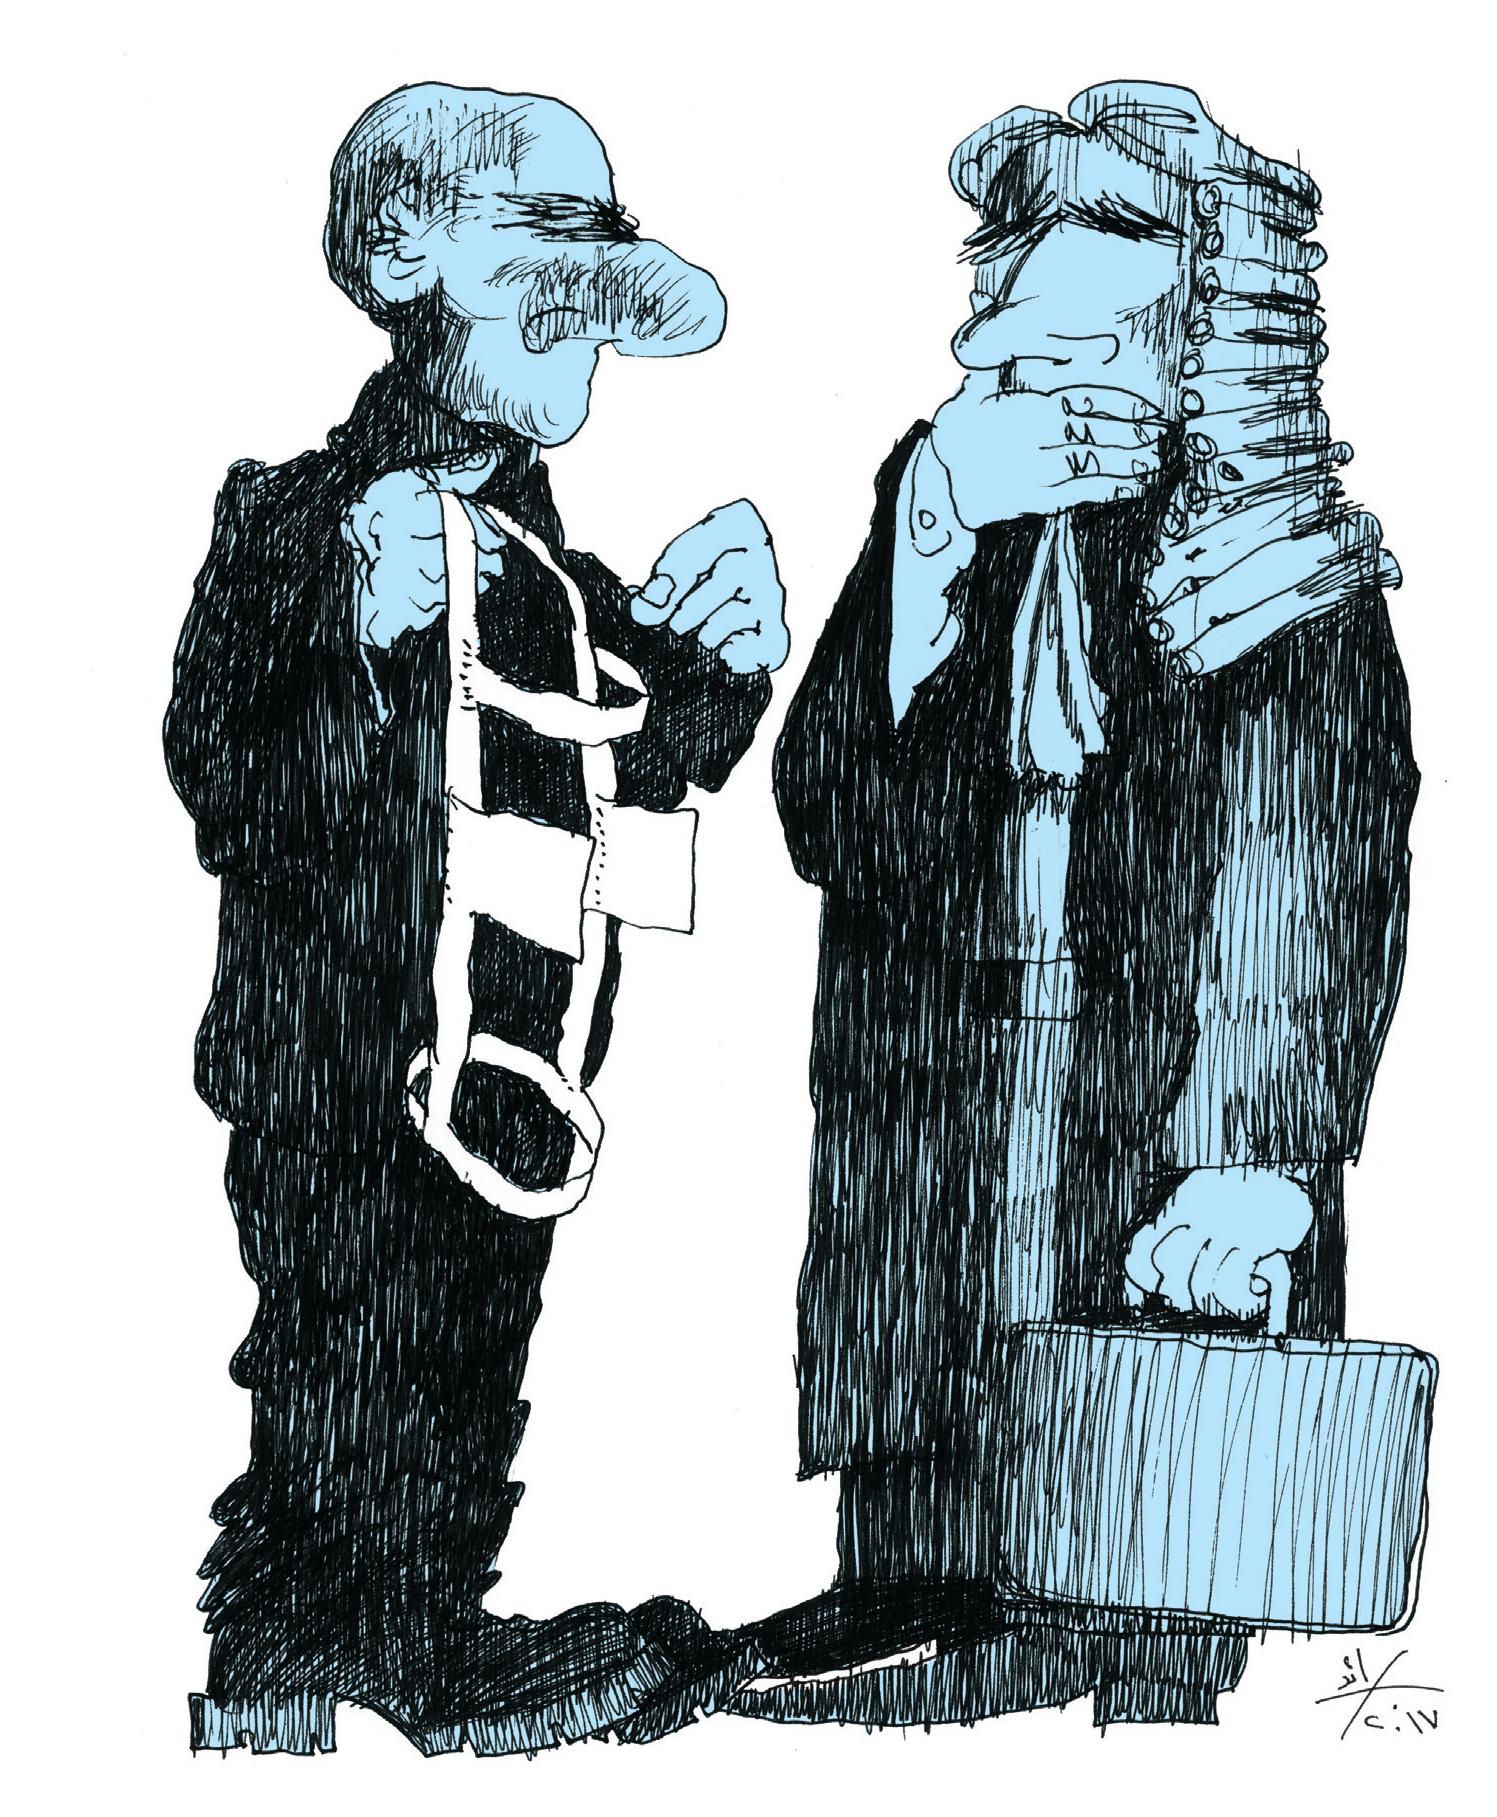 استقالة قاضٍ مشتبه به بالإرتشاء (1): الوزير يقمع حرية القضاة تكريسا لروايته